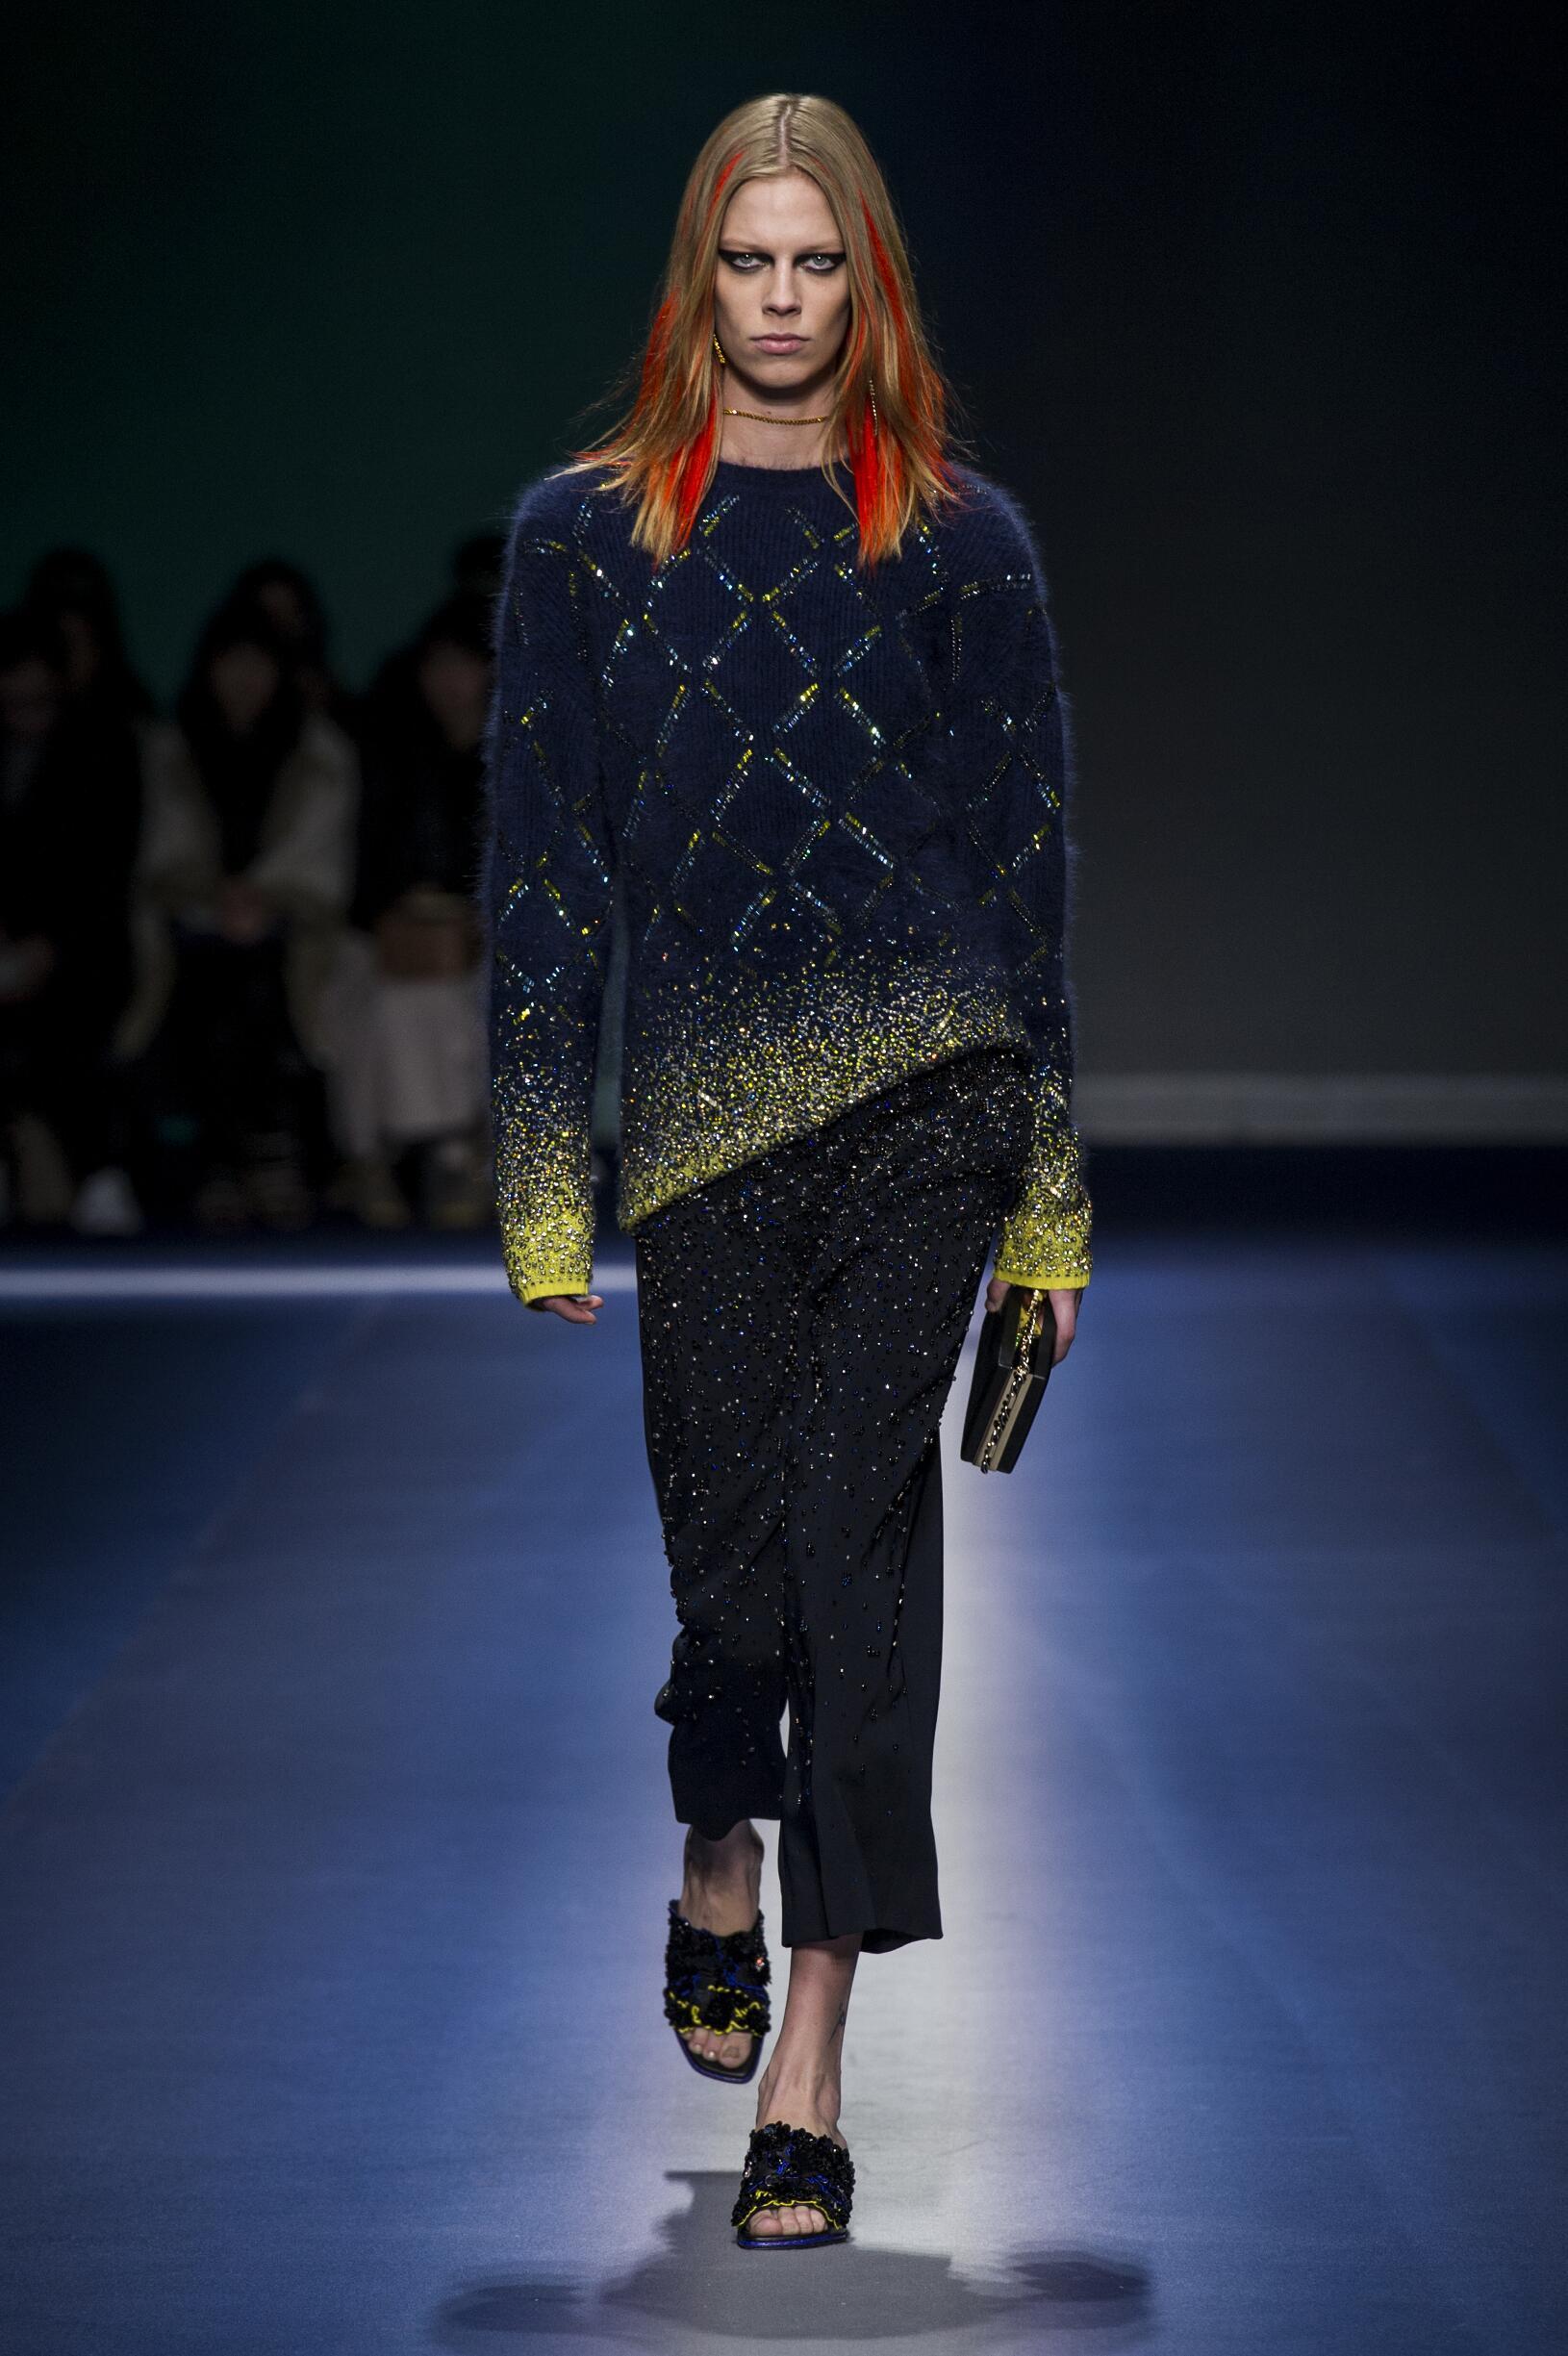 2017 Woman Versace Winter Trends